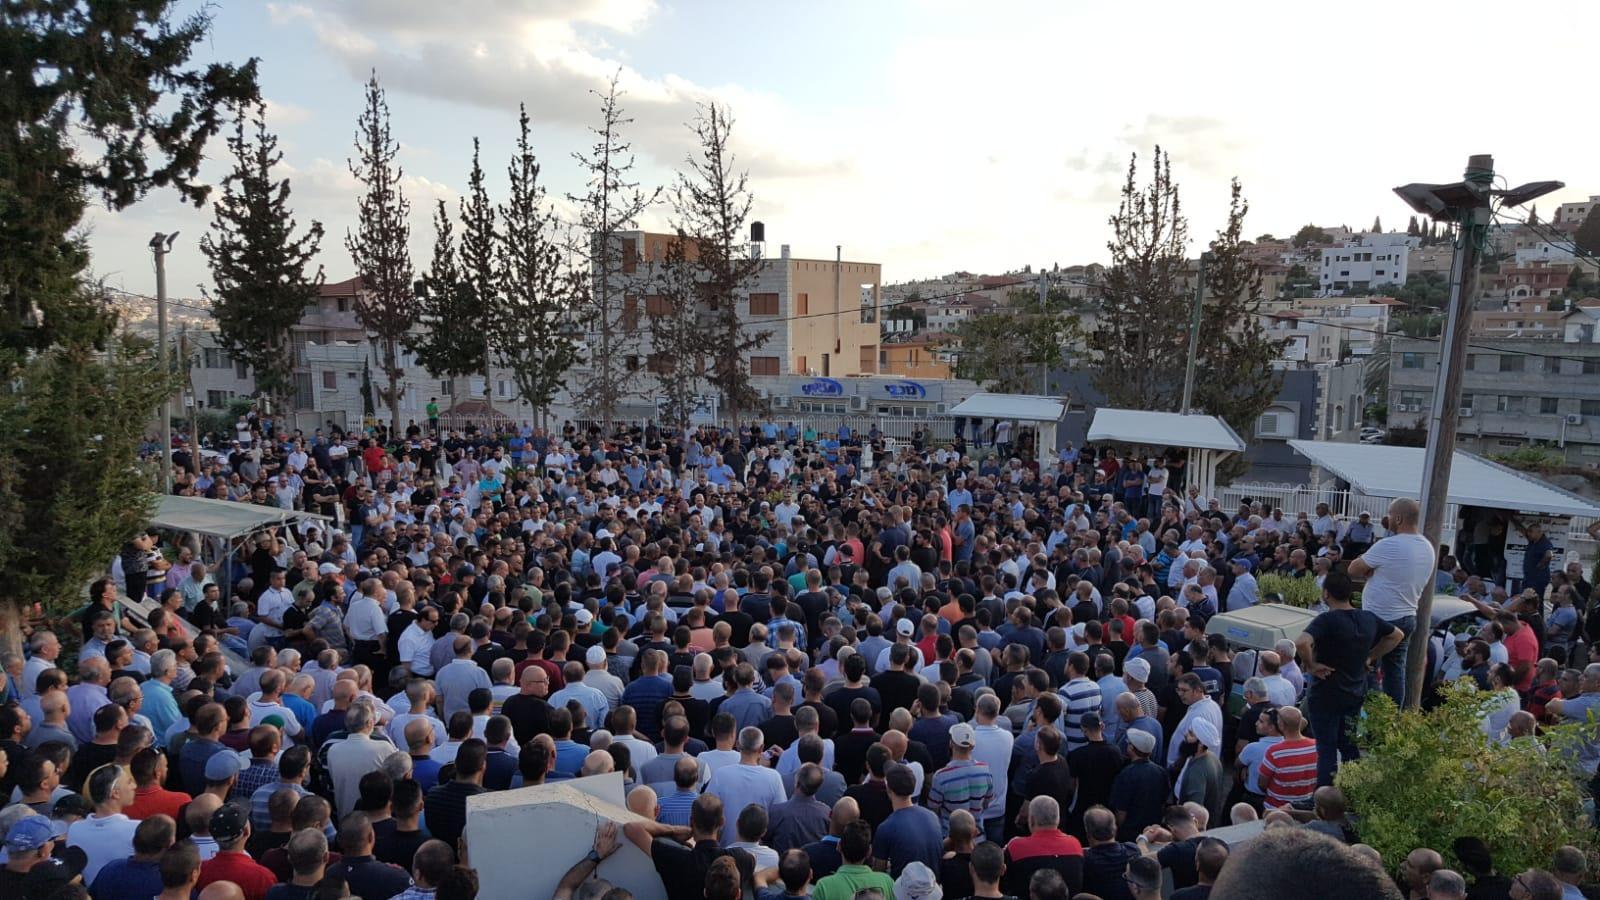 باقة الغربية: جنازة مهيبة لضحية جريمة القتل